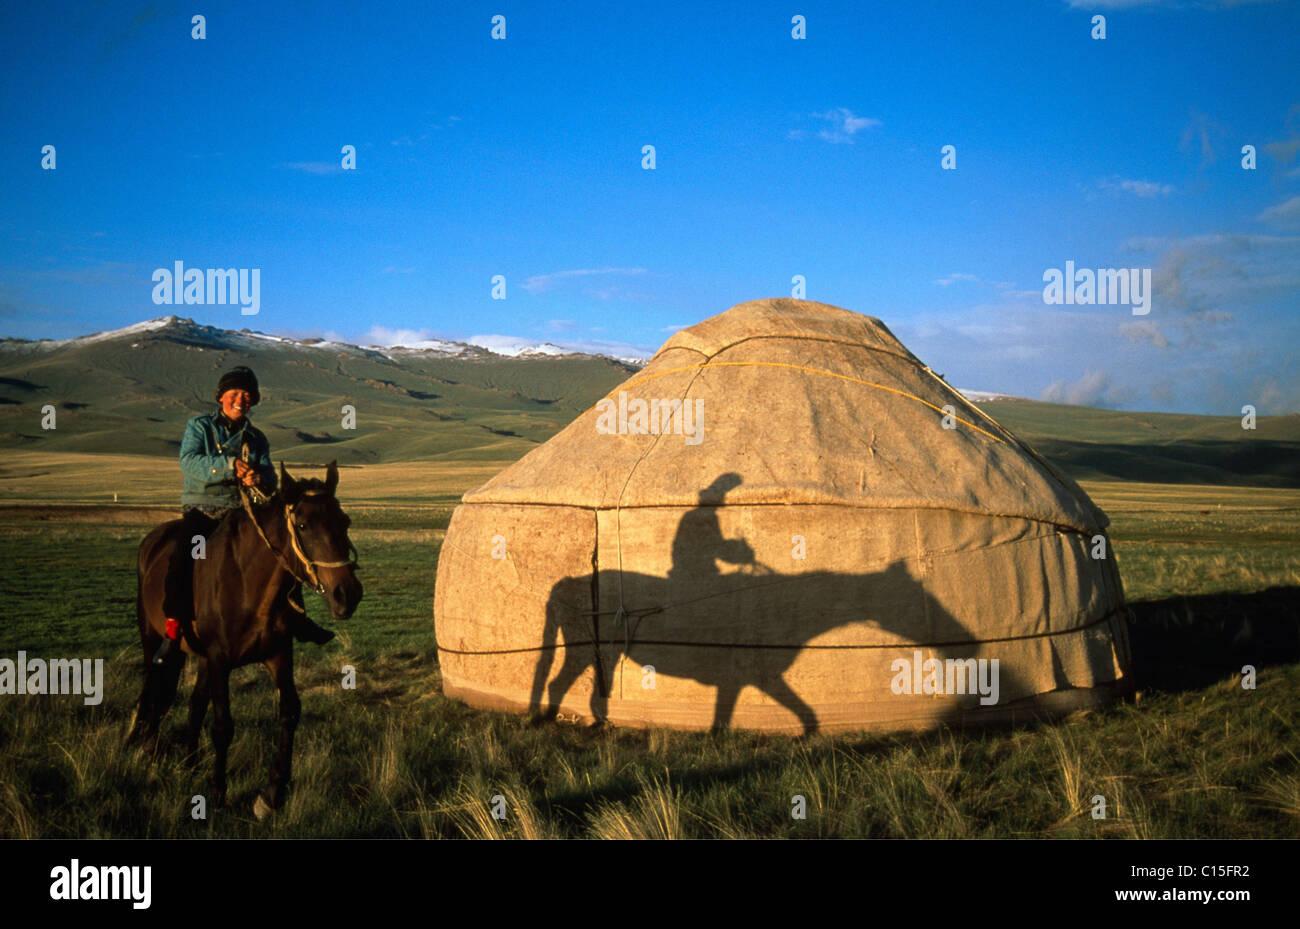 Le cheval et le cavalier en face d'une yourte, Moldo-Too Mountain Range, Song-Kul, du Kirghizistan, de l'Asie centraleBanque D'Images